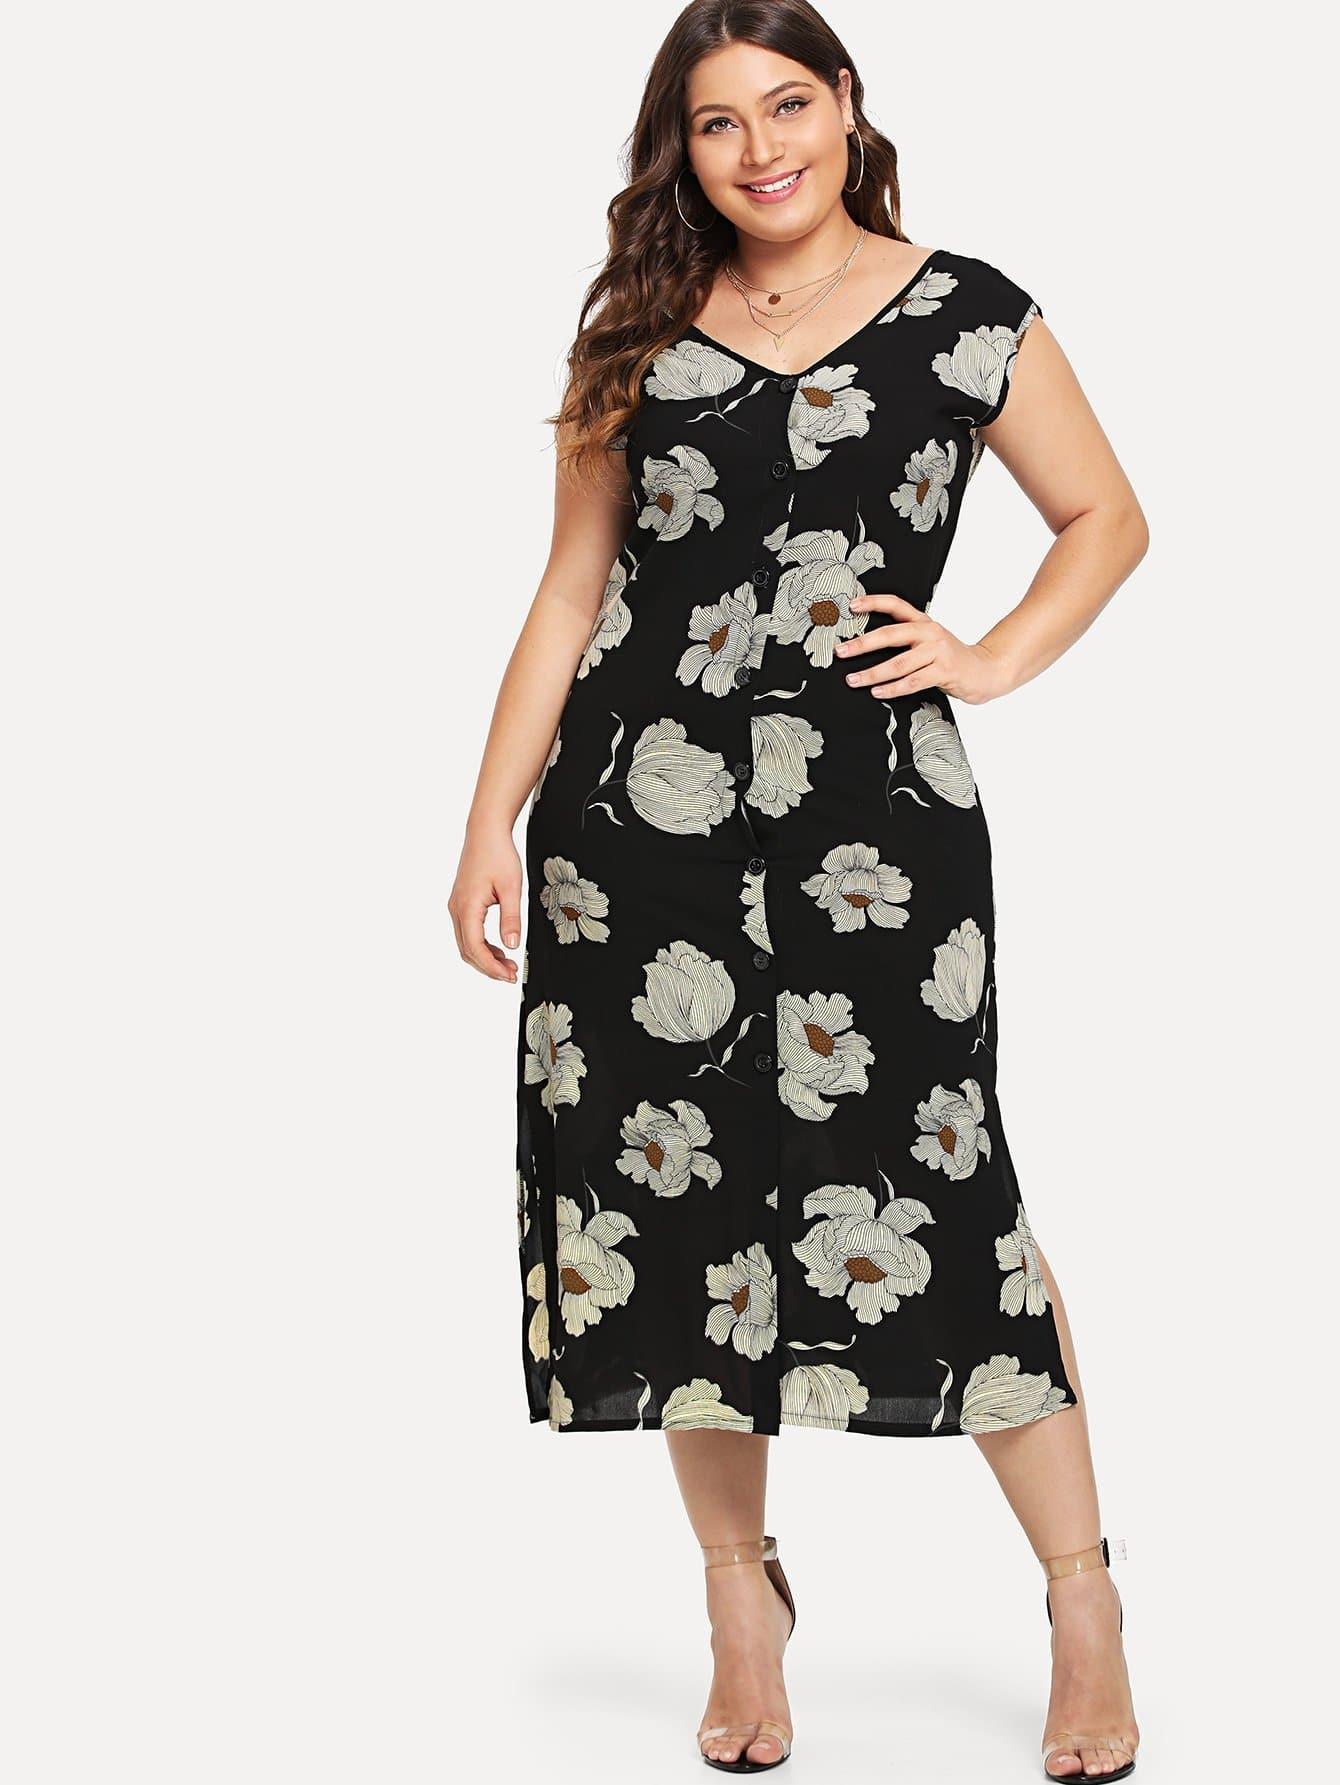 Купить Платье в цветочек с v-образным воротником, Carol, SheIn